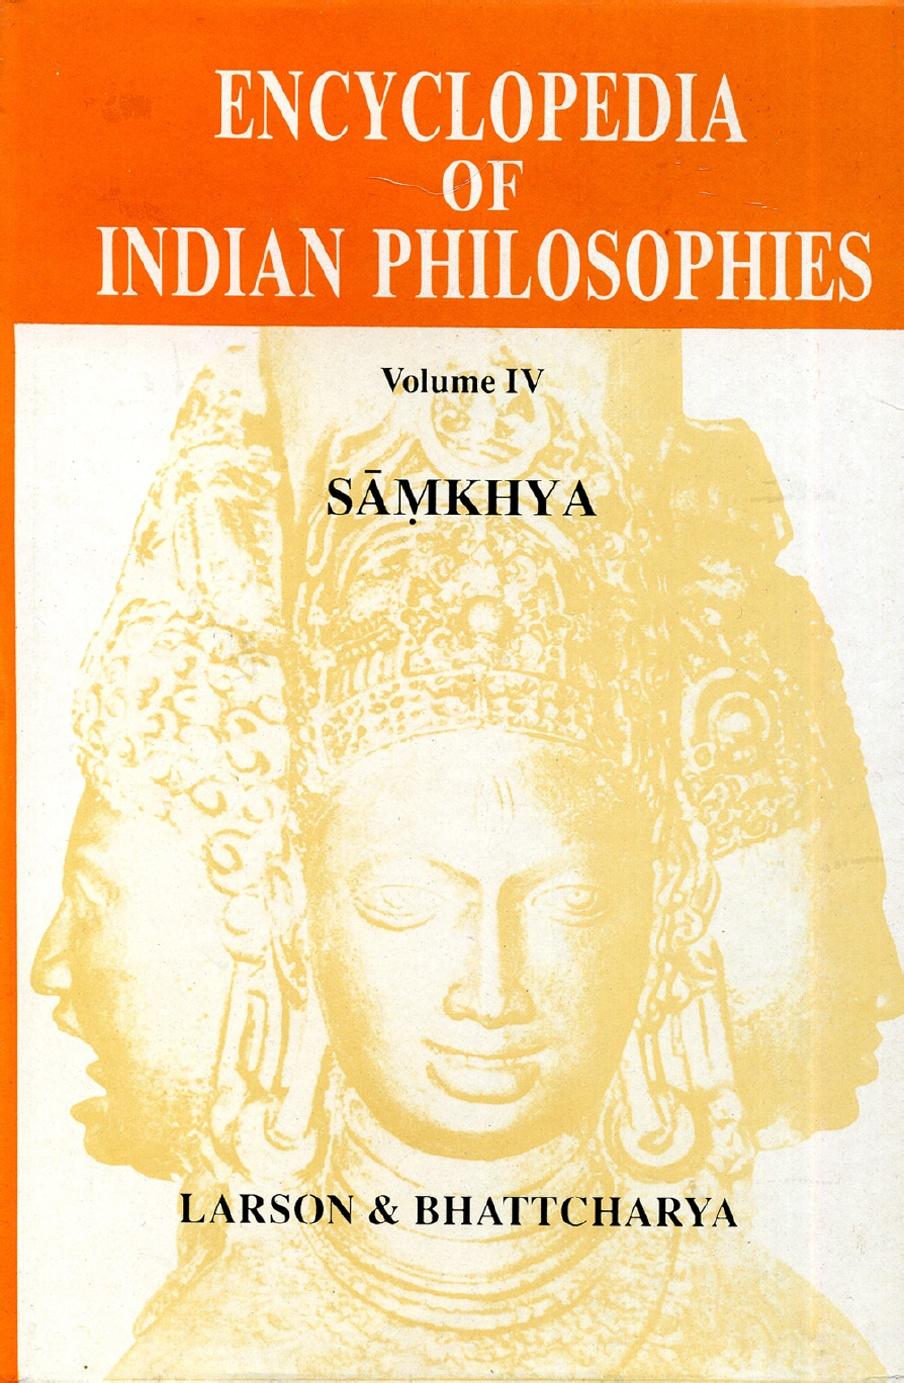 Encyclopedia of Indian Philosophies, Vol. 4